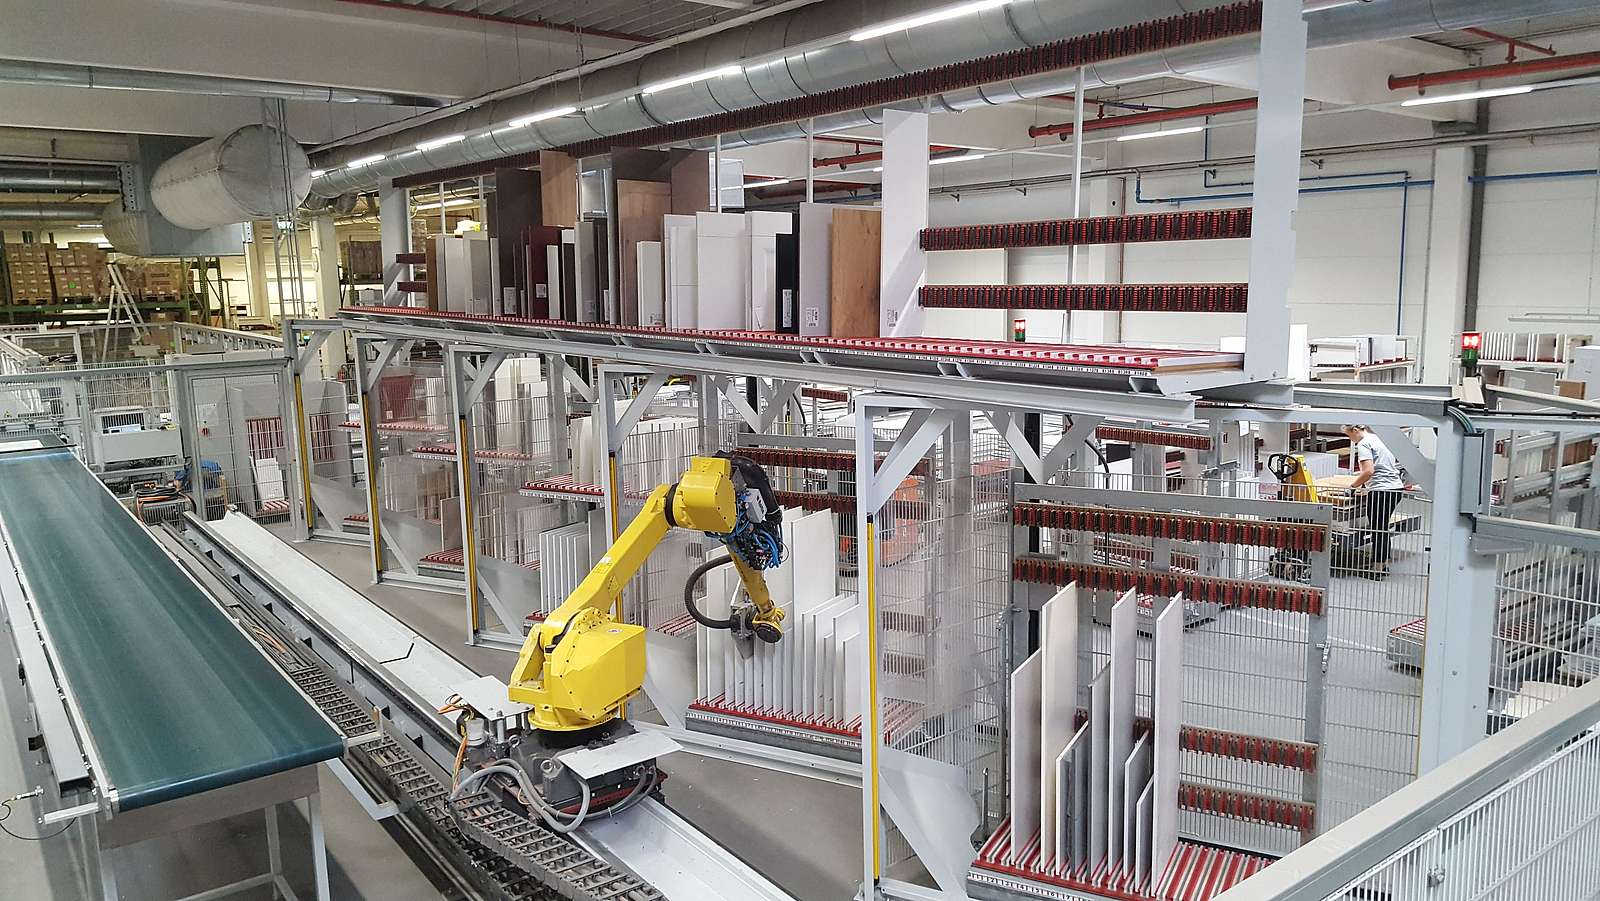 Kommissionierung durch Roboter und Greifer in der Möbelindstrie